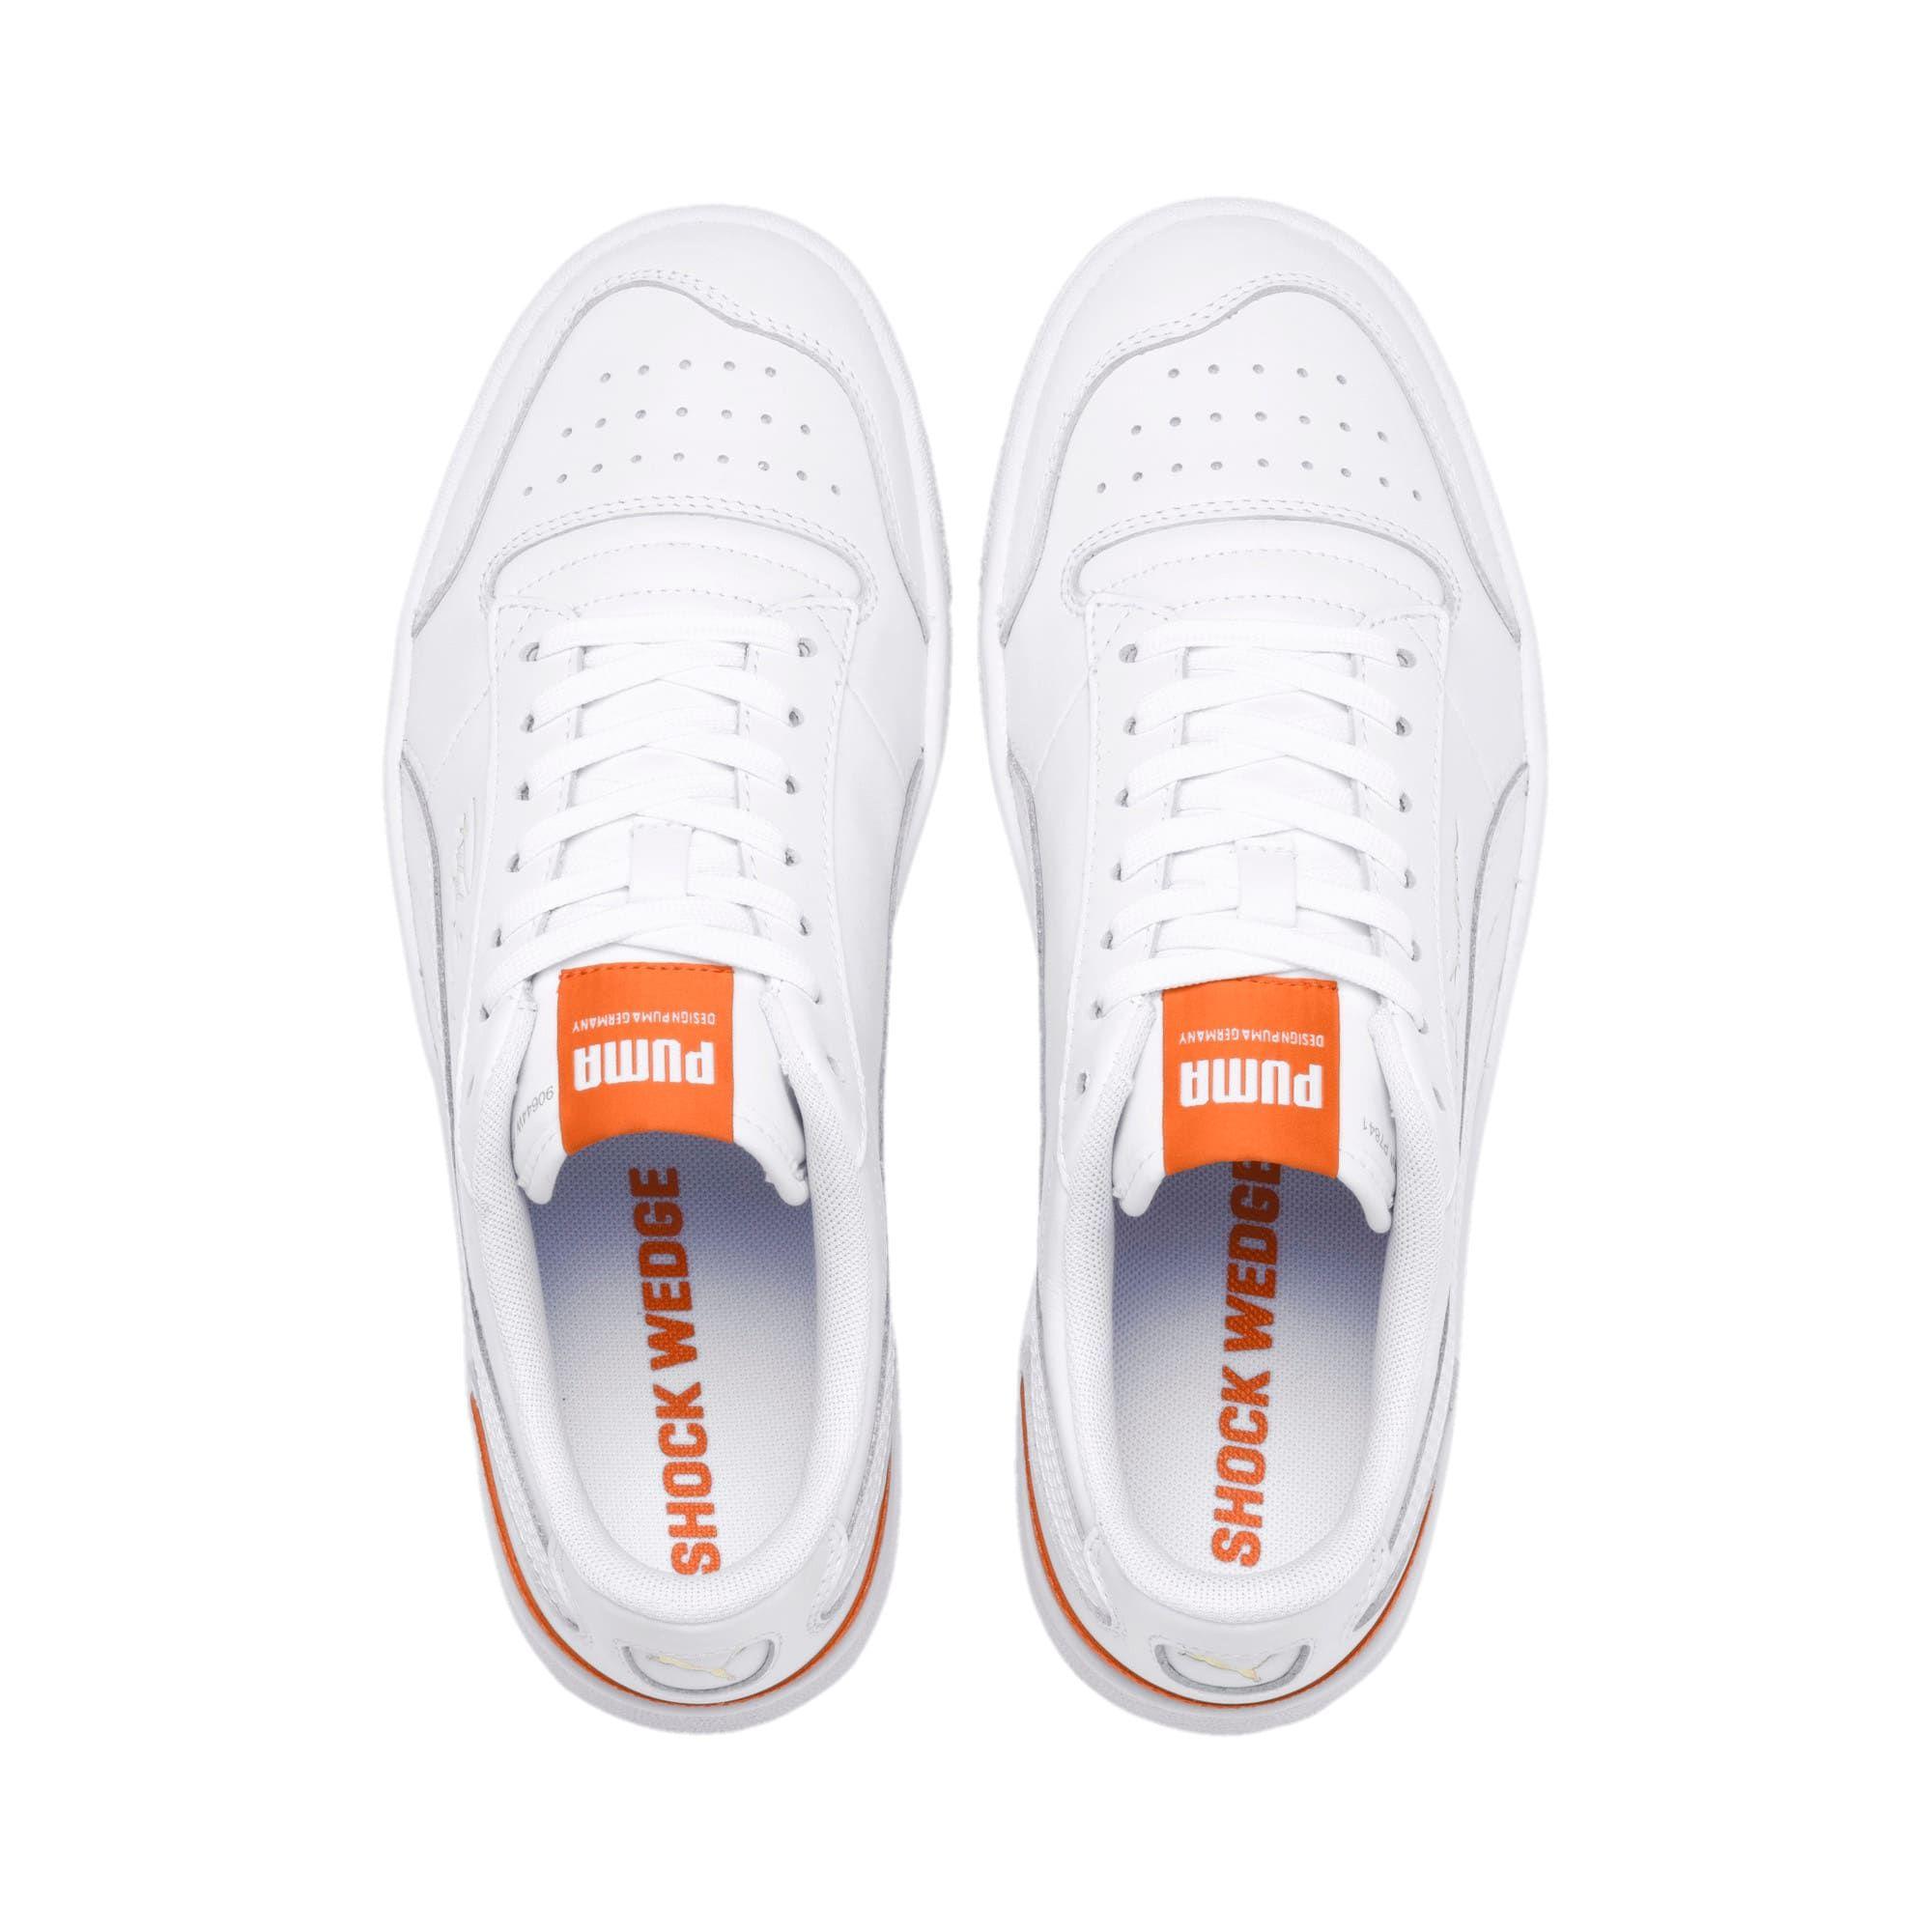 puma ralph sampson lo wild Chaussures Online Achat